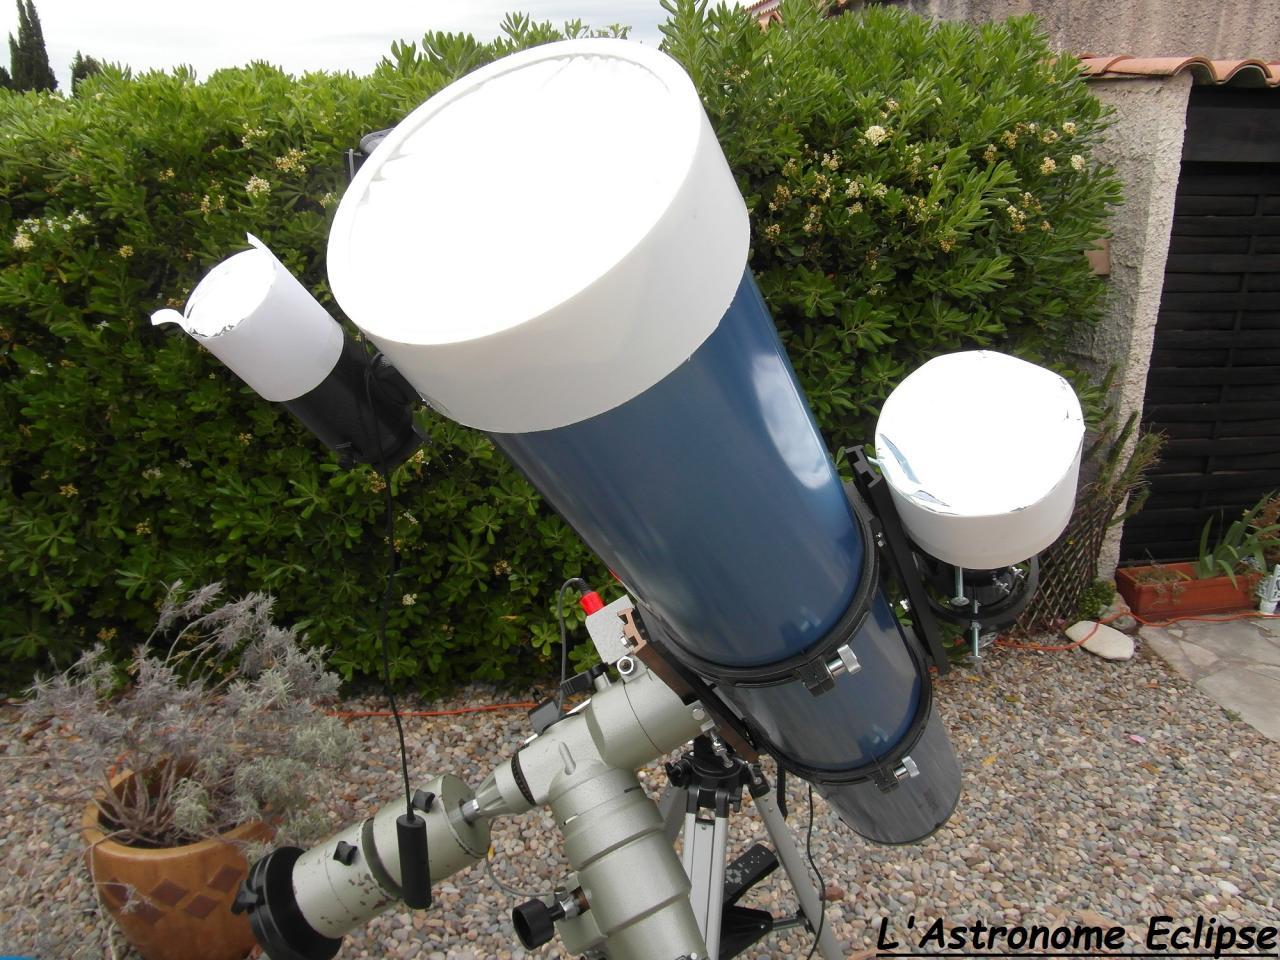 Les filtres solaires vus de près